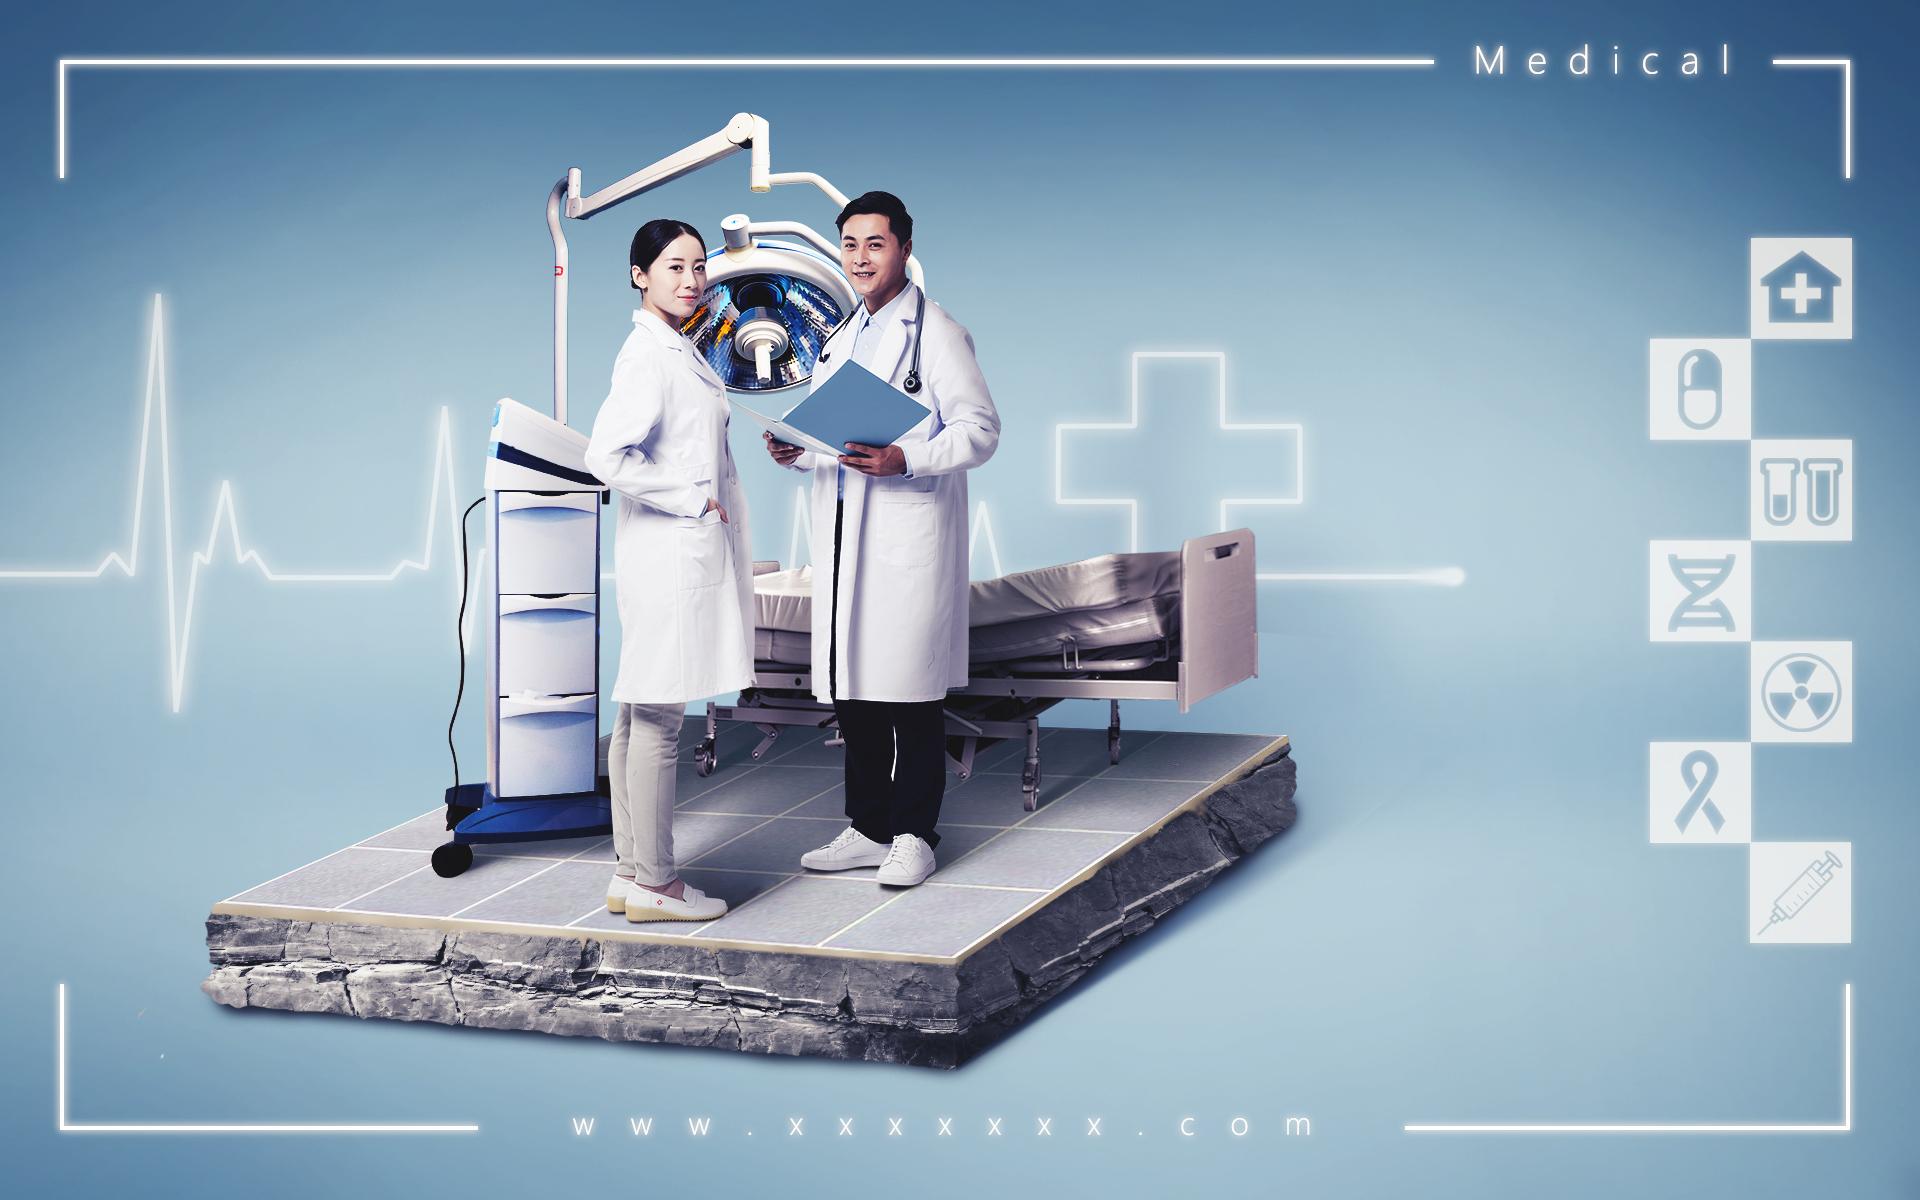 最大的愚蠢--靠高科技和新药物来保命!